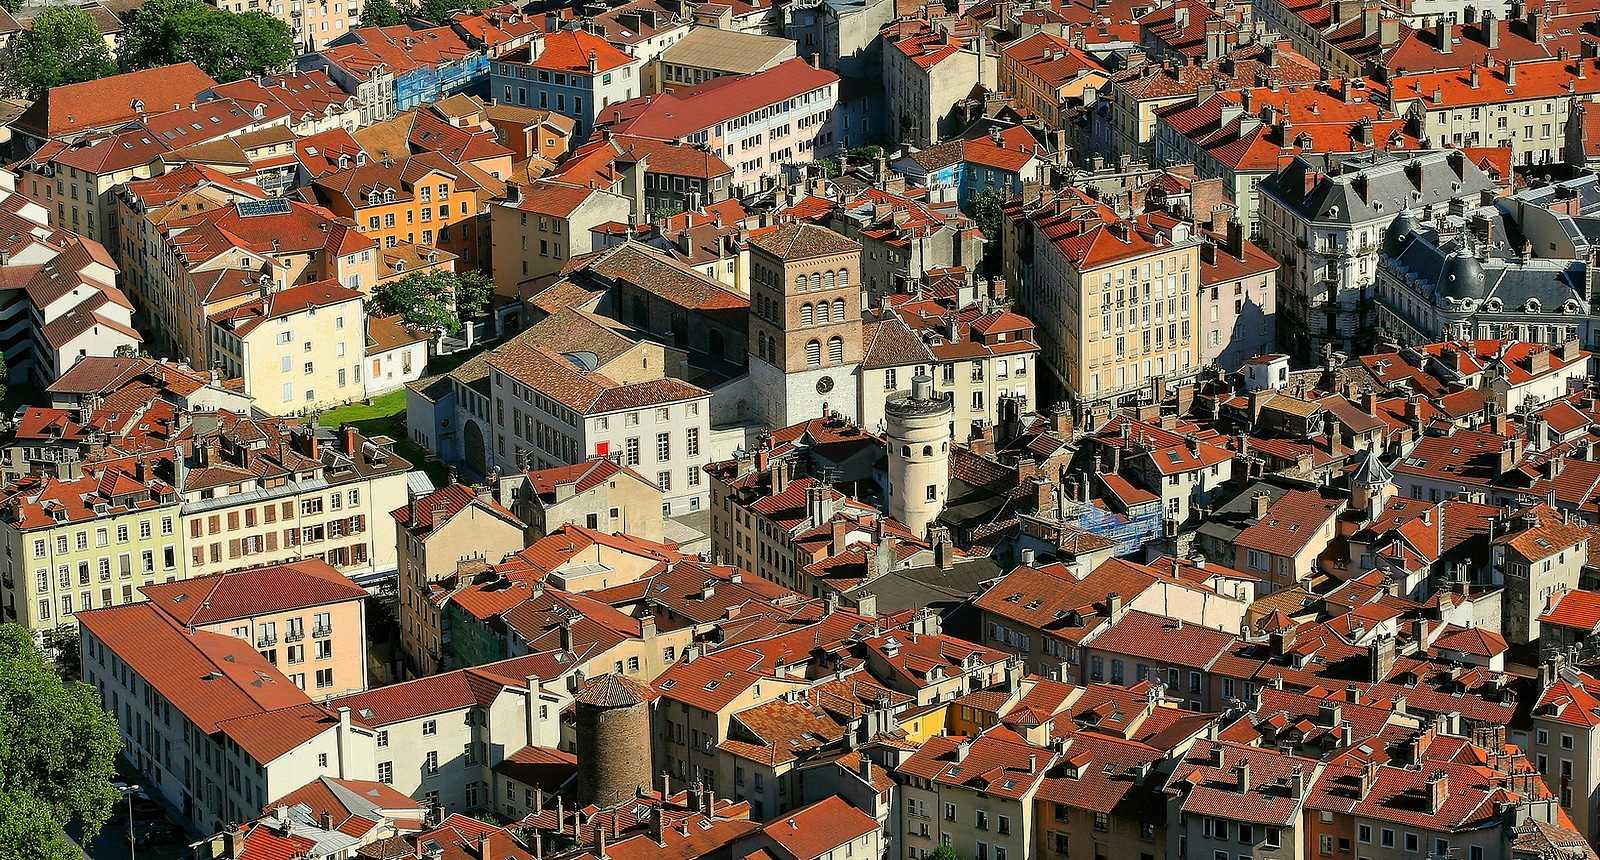 La vieux Grenoble